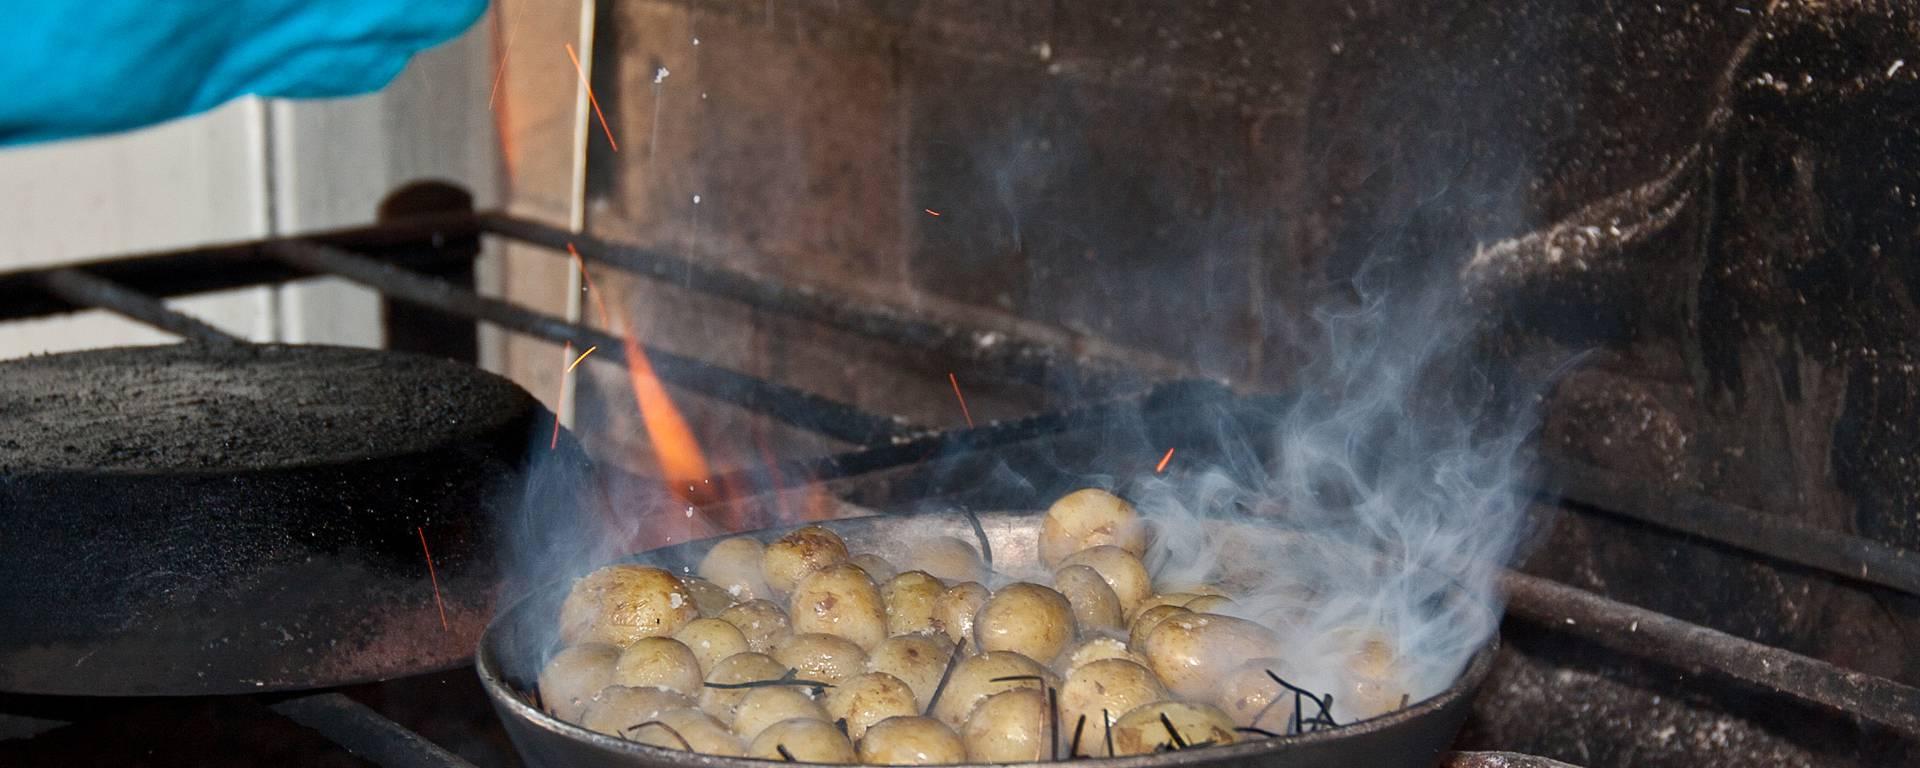 Préparation de la pomme de terre de l'Ile de Ré,